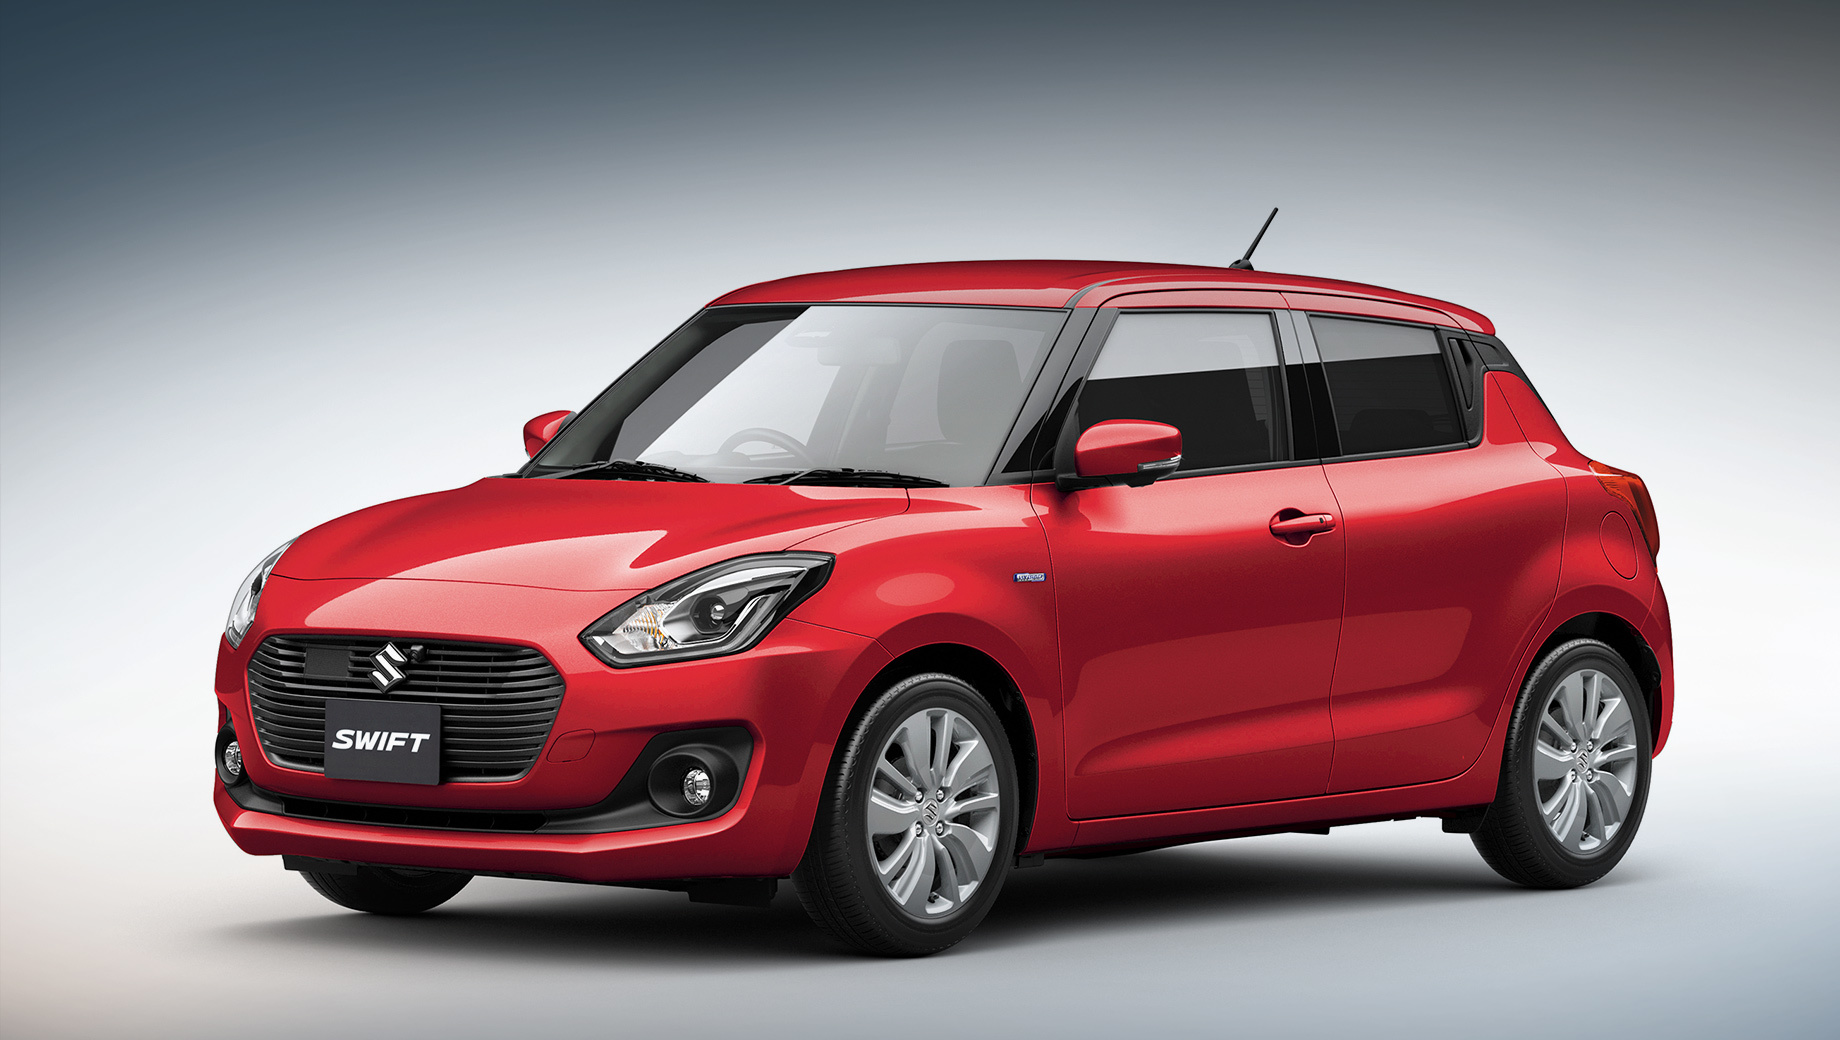 Suzuki swift. Консерватизм при модернизации обусловлен в том числе успехом модели Suzuki Swift. На сегодняшний день в мире продано свыше 6,5 млн Свифтов всех поколений, а особенно компактный автомобиль любят в Индии, Японии и Австралии. На фото — дорестайлинговая машина четвёртого поколения